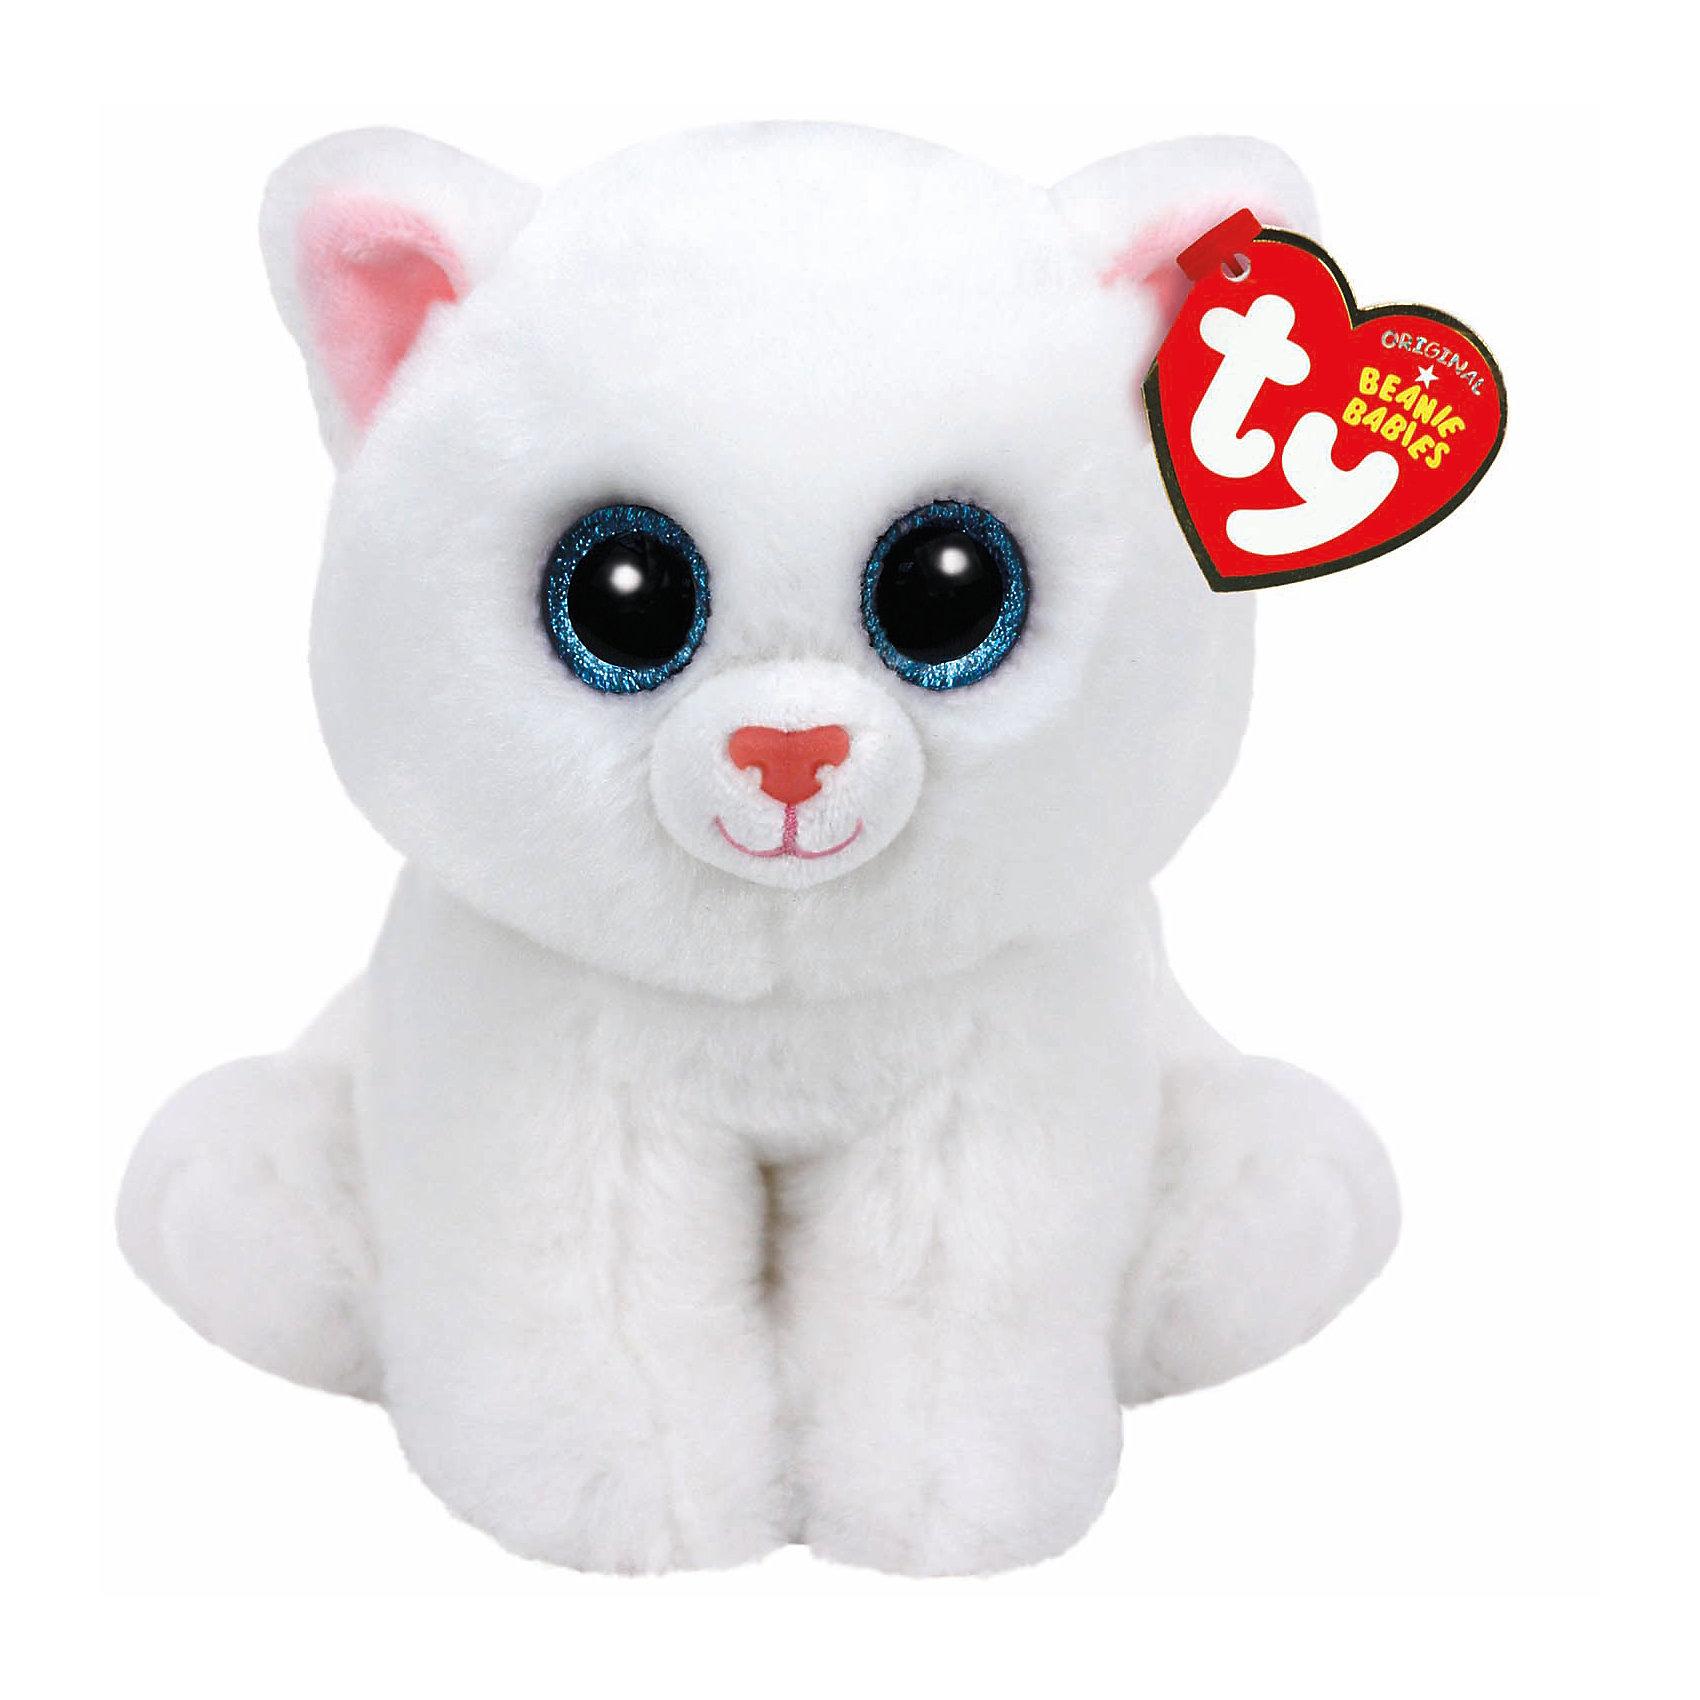 Кошка (белая) Pearl, 15 смКошка (белая) Pearl, 15 см – игрушка от бренда TY Inc (ТАЙ Инкорпорейтед), знаменитого своими мягкими игрушками, в качестве наполнителя для которых используются гранулы. Кошка выполнена из качественного и гипоаллергенного плюша белоснежного цвета. У игрушки большие выразительные глаза. Используемые материалы делают игрушку прочной, устойчивой к изменению цвета и формы, ее разрешается стирать.<br>Кошка (белая) Pearl, 15 см TY Inc непременно станет любимой игрушкой для вашего ребенка, а уникальный наполнитель будет способствовать  не  только развитию мелкой моторики пальцев, но и оказывать релаксирующее воздействие. <br><br>Дополнительная информация:<br><br>- Вид игр: сюжетно-ролевые игры, интерьерные игрушки, для коллекционирования<br>- Предназначение: для дома<br>- Материал: плюш, наполнитель ? гранулы<br>- Высота: 15 см<br>- Особенности ухода: разрешается стирка<br><br>Подробнее:<br><br>• Для детей в возрасте: от 12 месяцев и до 5 лет <br>• Страна производитель: Китай<br>• Торговый бренд: TY Inc <br><br>Кошку (белую) Pearl, 15 см можно купить в нашем интернет-магазине.<br><br>Ширина мм: 152<br>Глубина мм: 112<br>Высота мм: 90<br>Вес г: 98<br>Возраст от месяцев: 12<br>Возраст до месяцев: 60<br>Пол: Унисекс<br>Возраст: Детский<br>SKU: 4386726